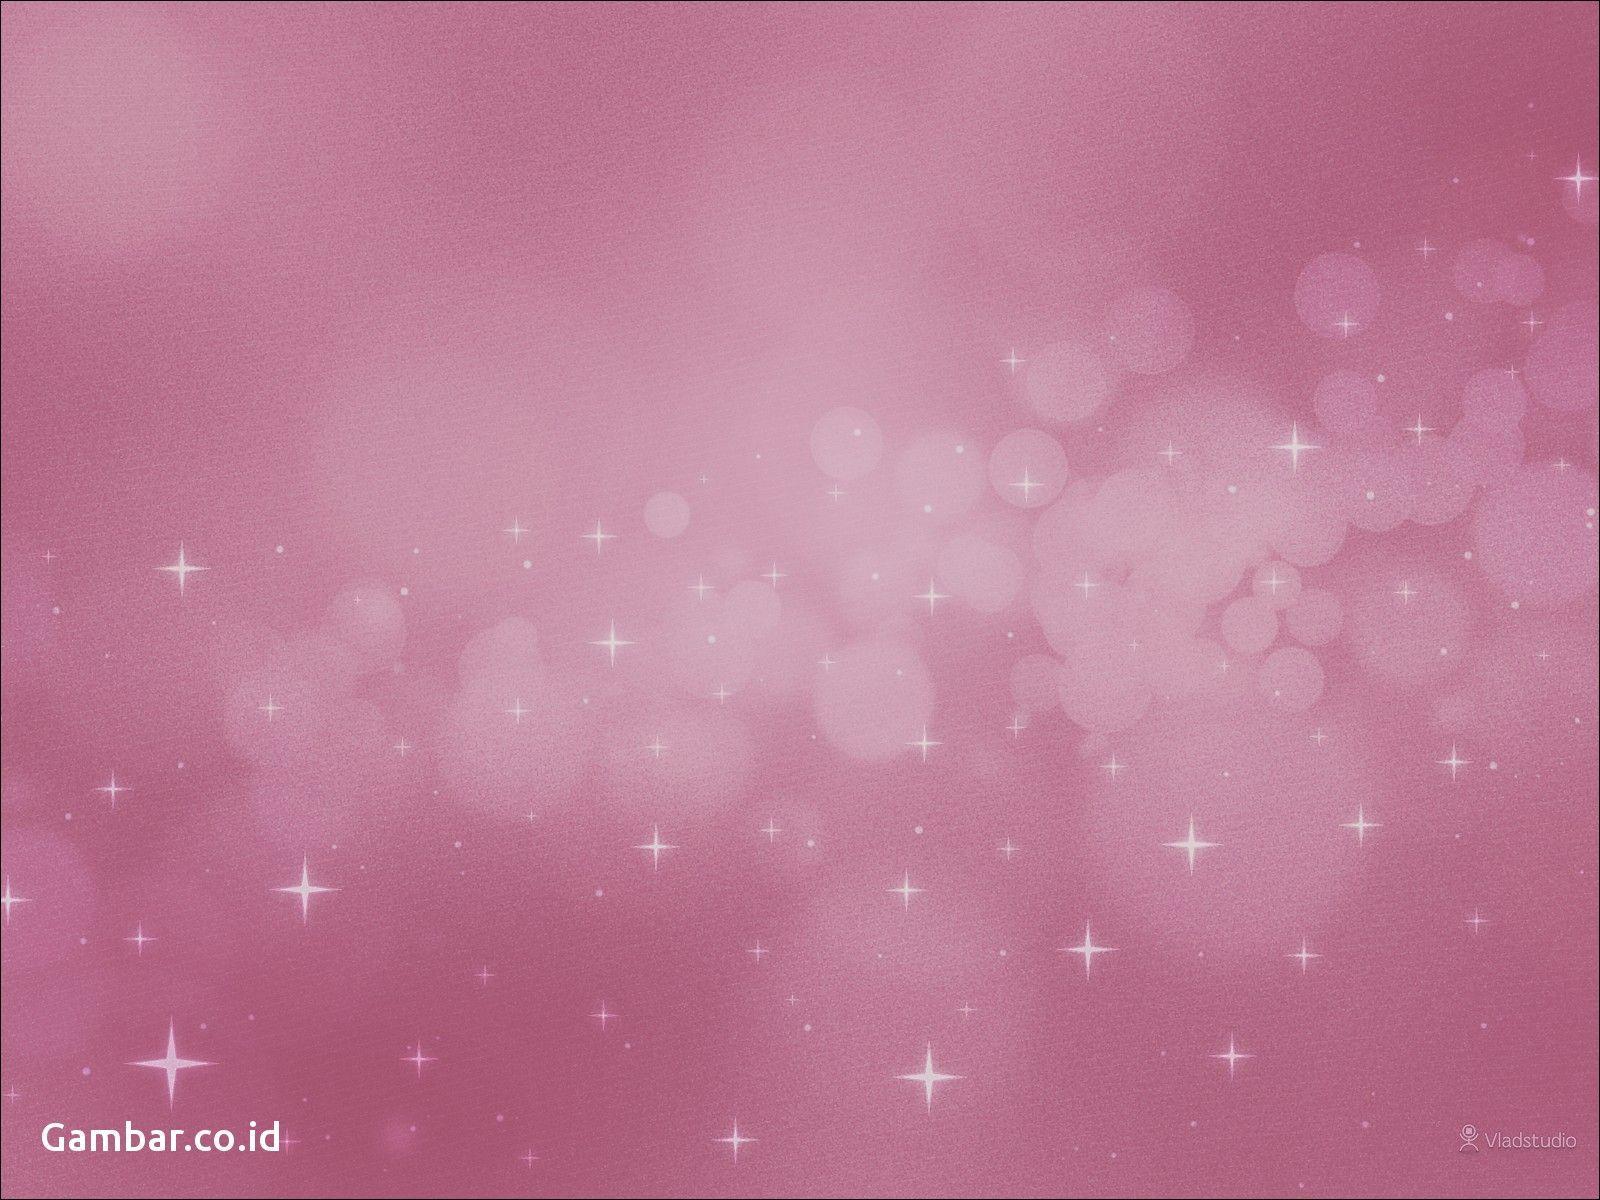 Gambar Foto Wallpaper Warna Pink Terbaru Gambar Co Id